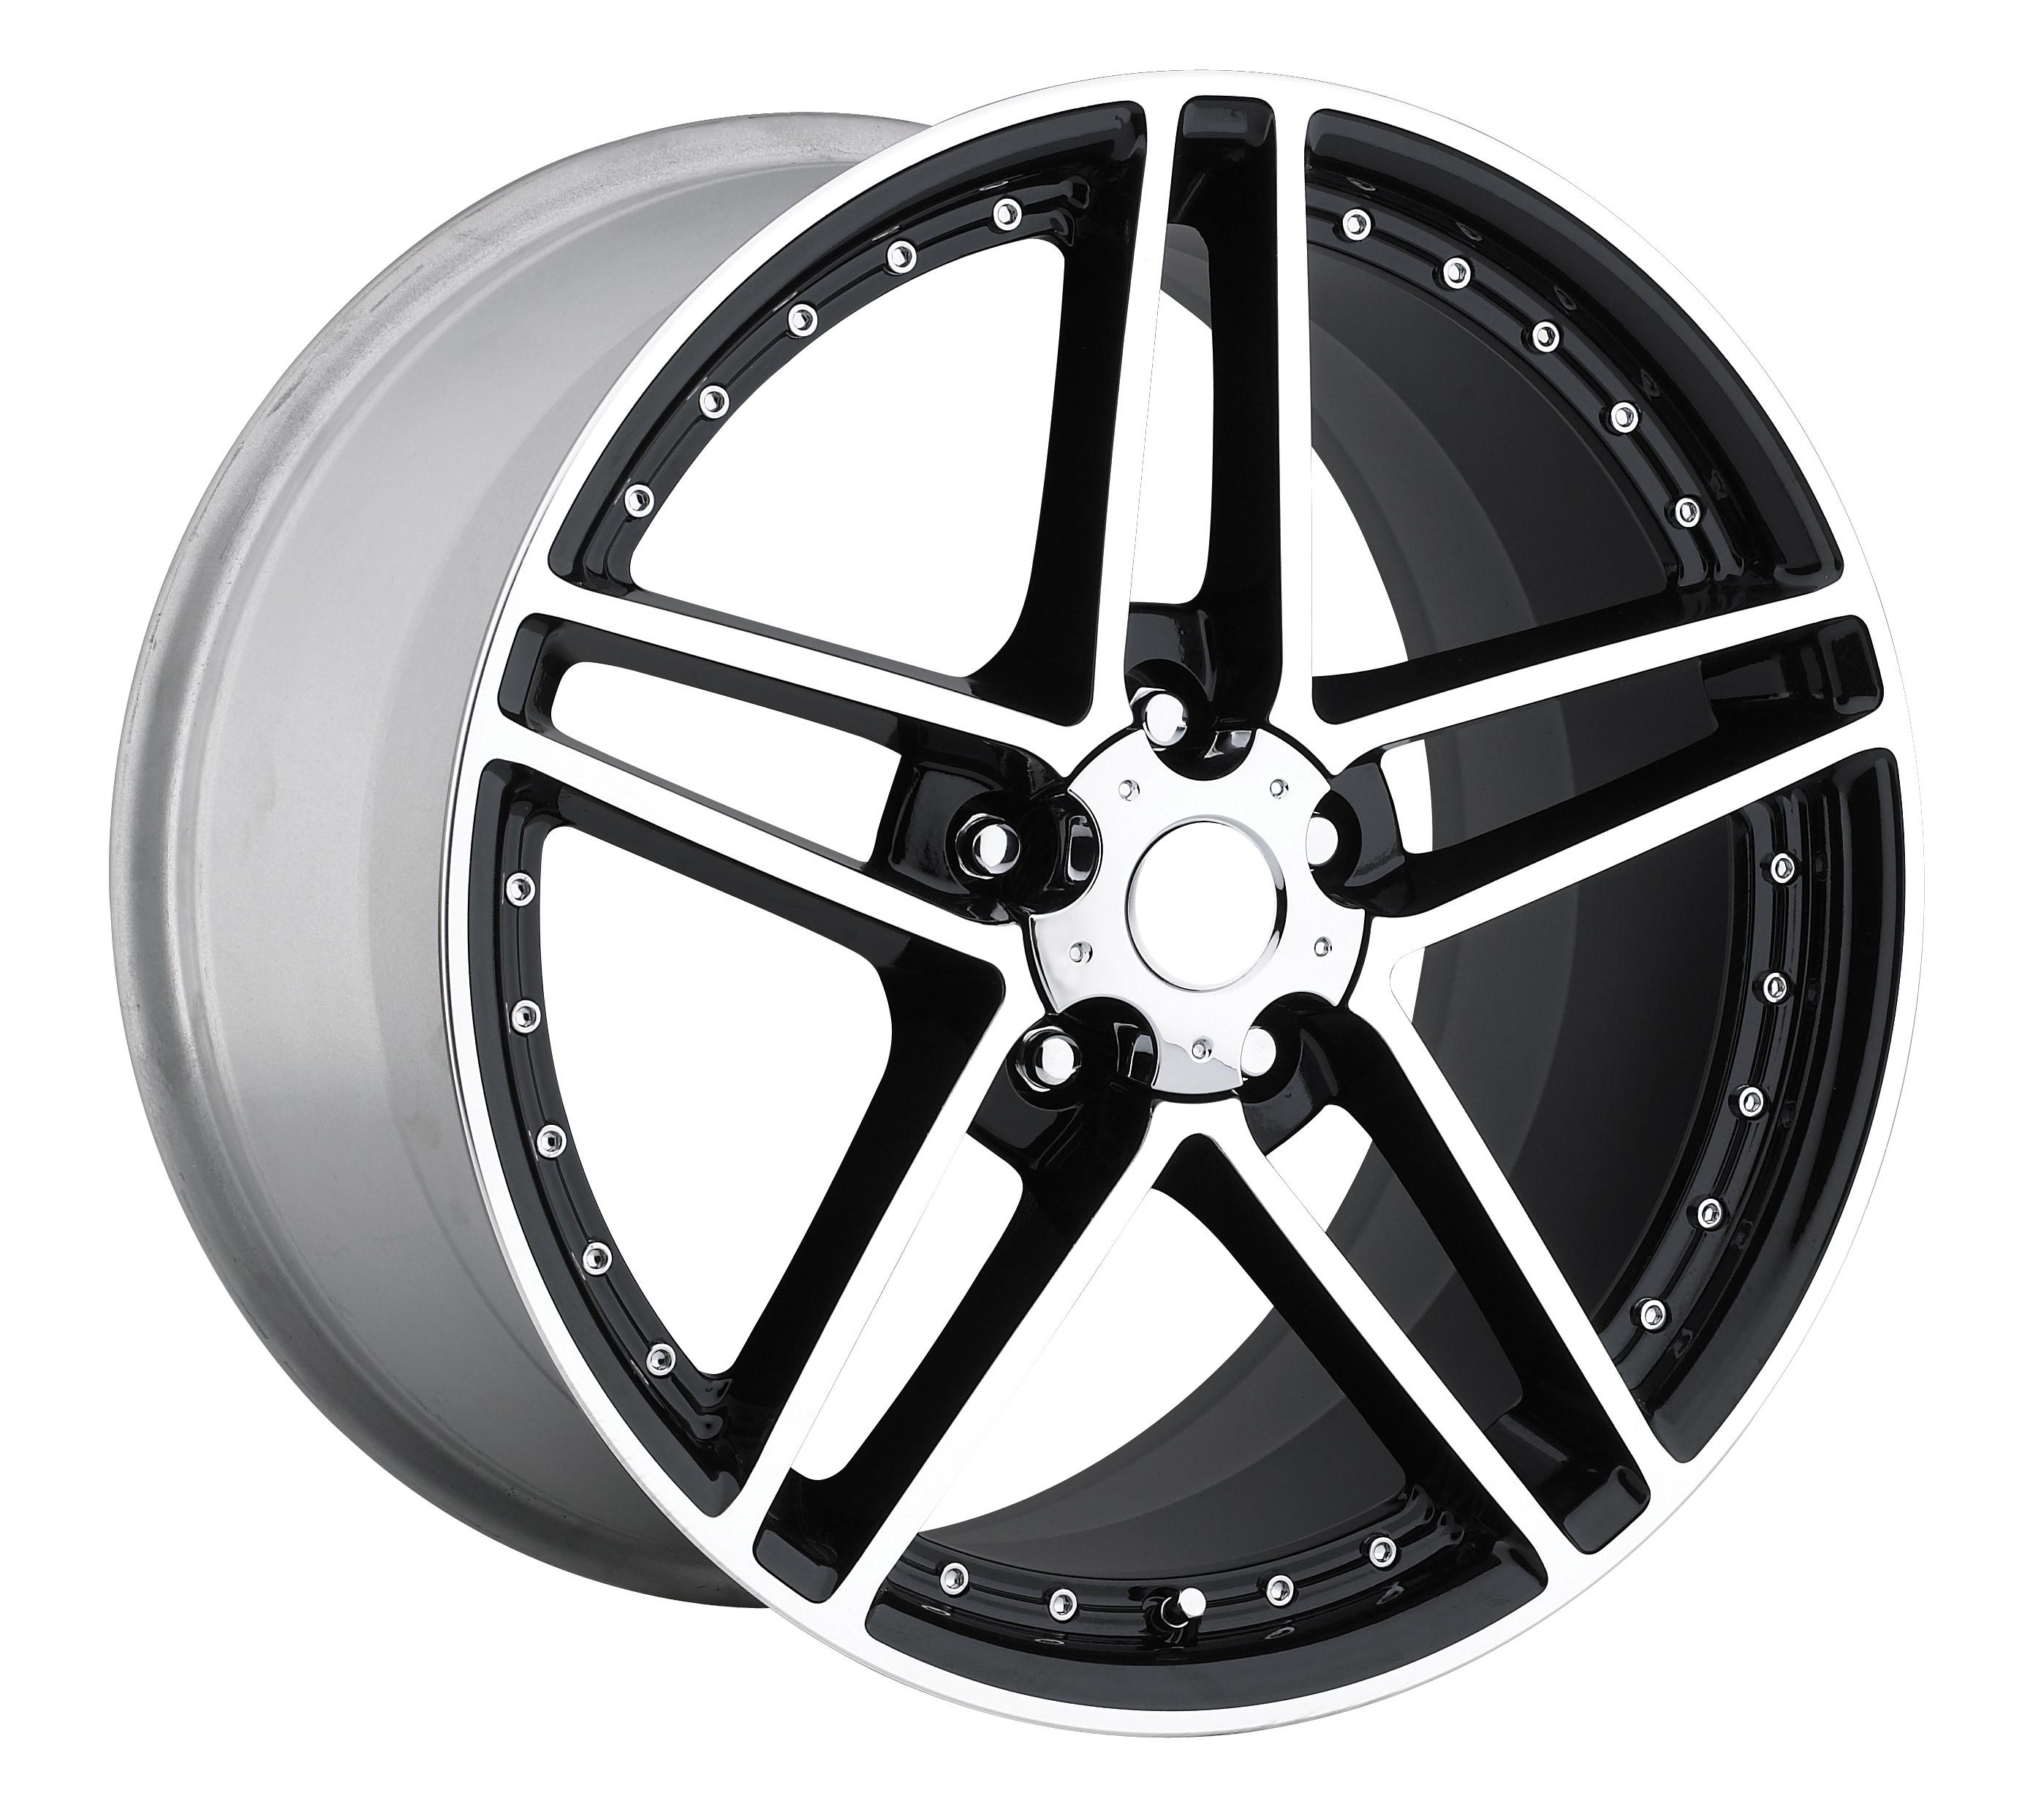 Chevrolet Corvette 1997-2012 18x8.5 5x4.75 +56 - C6 Z06 Motorsport Wheel -  Black Machine Face With Cap